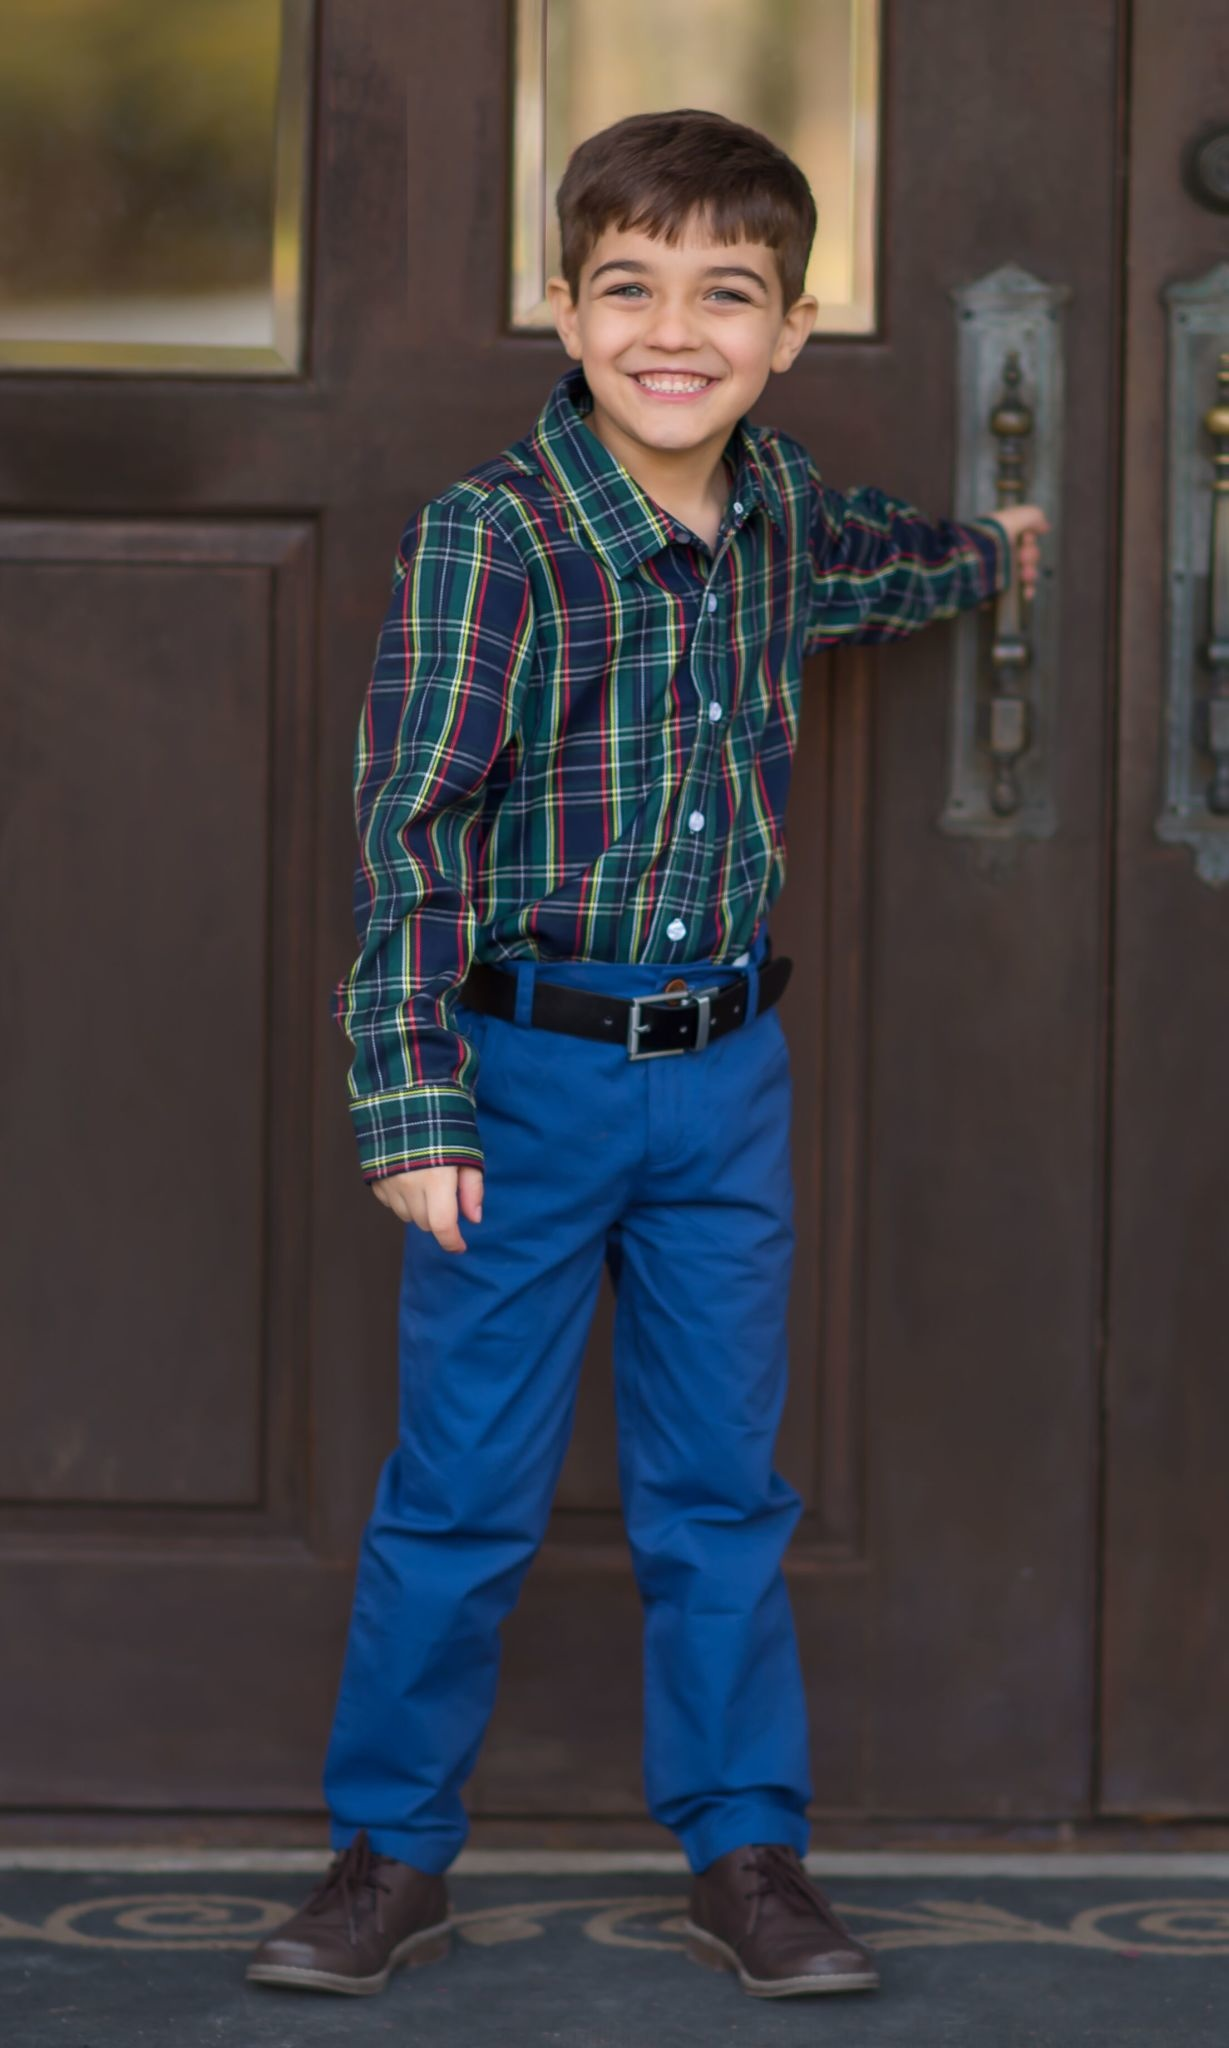 Evie's Closet Boys Navy/Green Plaid Shirt